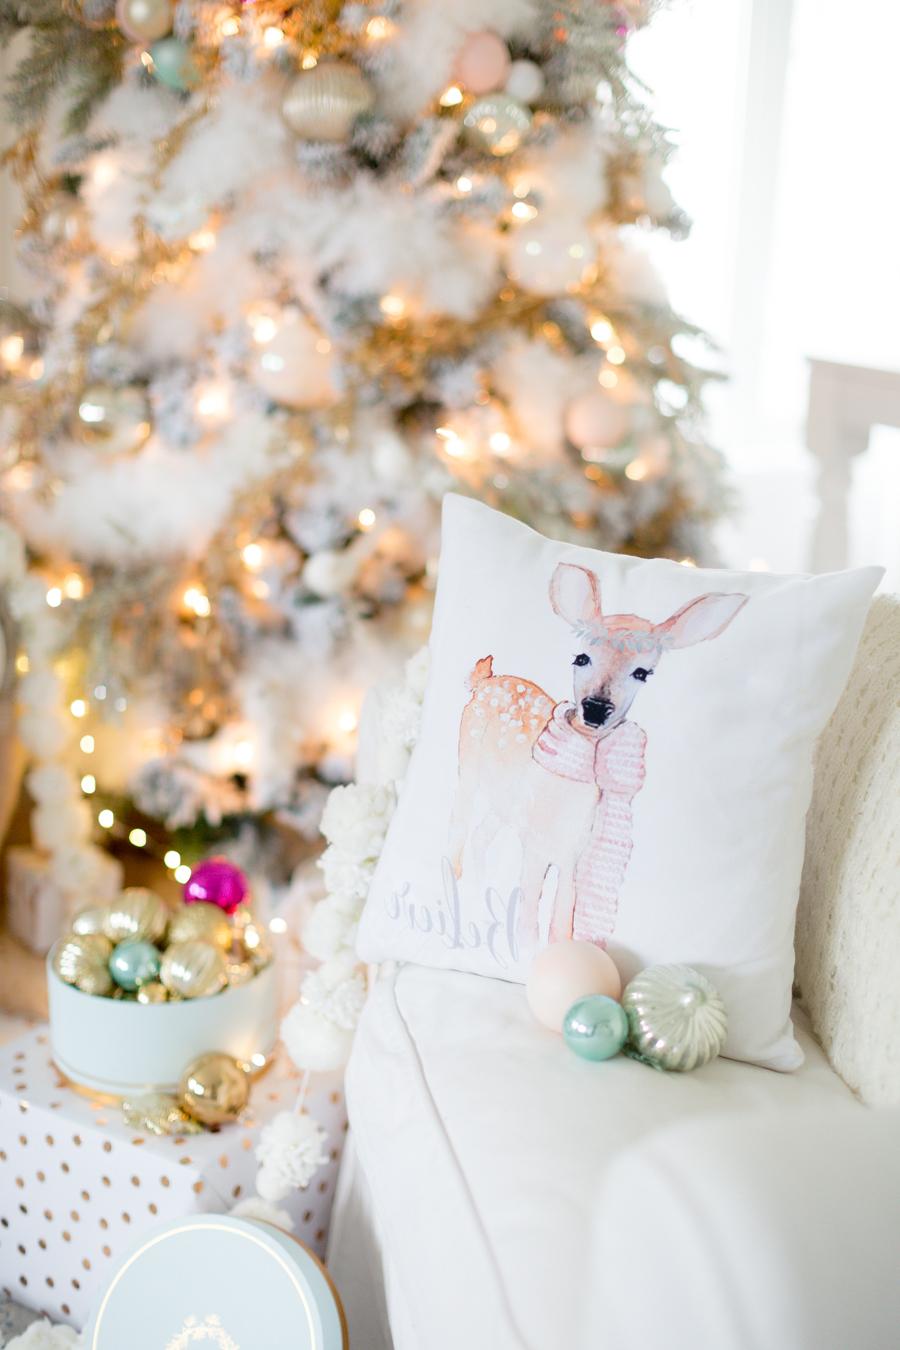 Weiße Deko Weihnachten: Textile Weihnachtselemente für einen gemütlichen Eigenheim